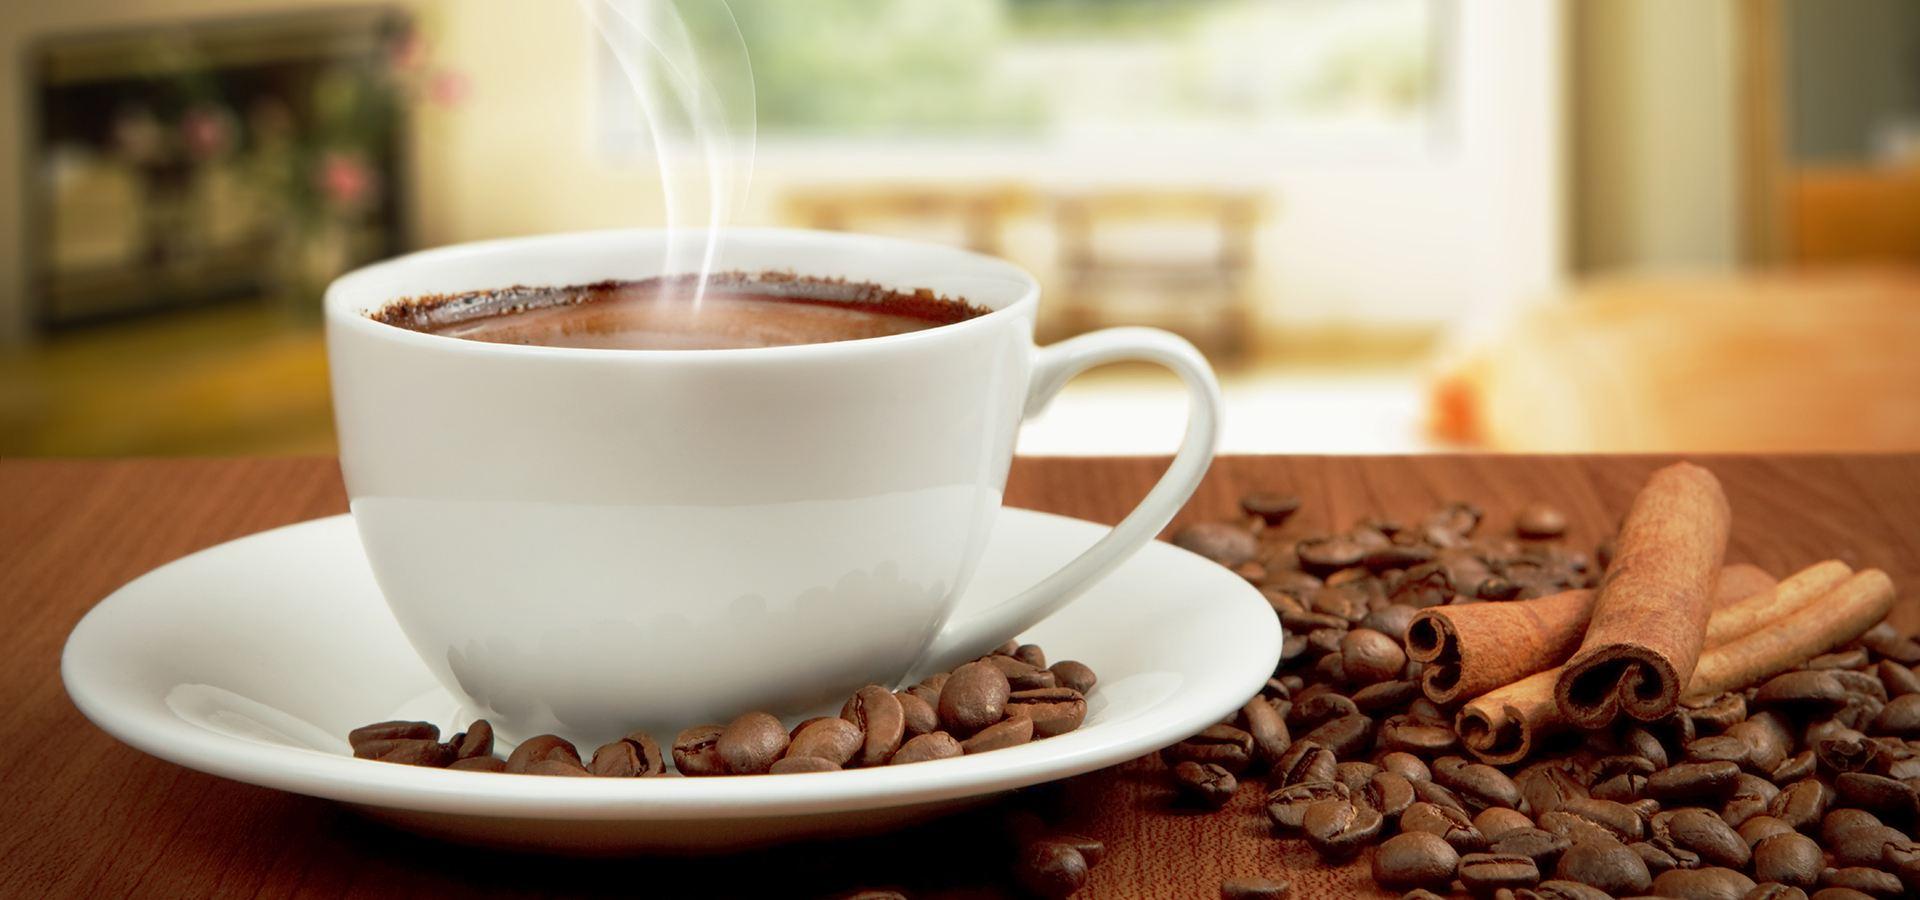 健身前喝咖啡有助提高运动成绩 促进脂肪燃烧